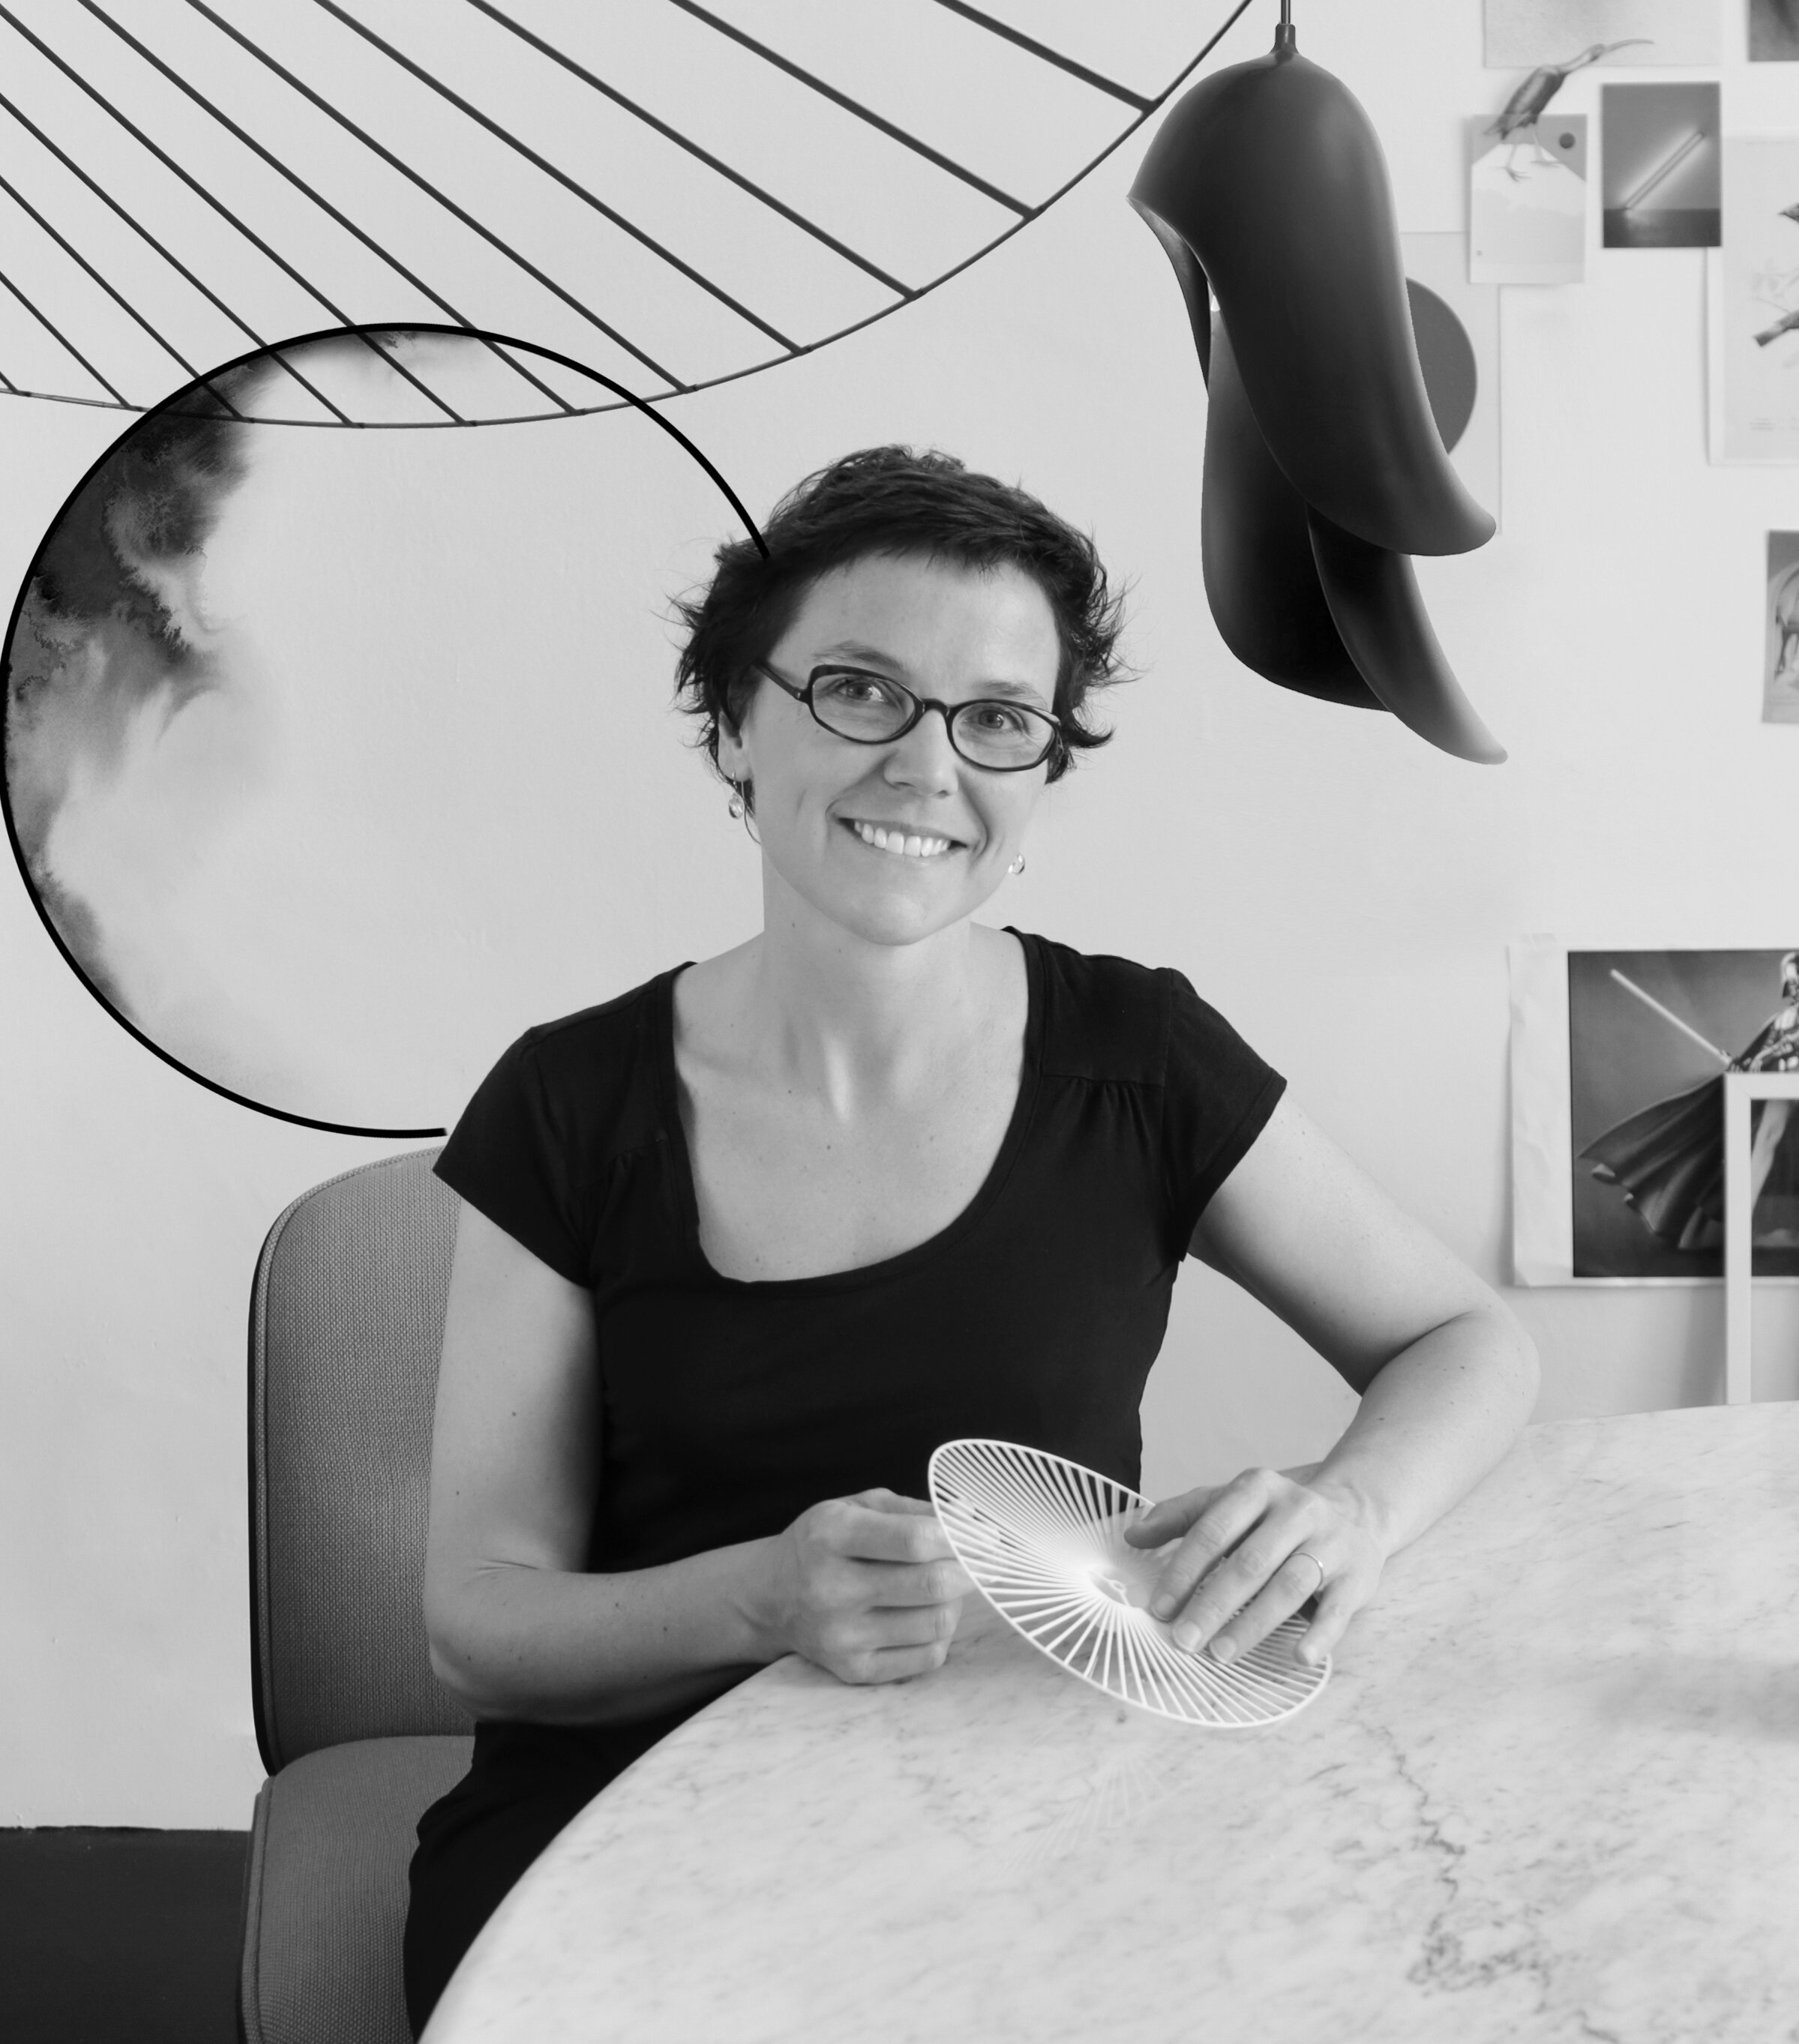 / Constance Guisset Studio   Constance Guisset est une designer française. Elle a fondé son studio spécialisé en design d'objets, architecture intérieure et scénographie en 2009. Elle s'attache à créer des objets ergonomiques et légers, animés et accueillants, émanant d'un désir de mouvement, de délicatesse et de surprise.  Elle conçoit aussi des scénographies de spectacles et d'expositions, ainsi que des projets d'architecture intérieure et des livres jeunesse.  Une exposition personnelle lui a été consacrée au Musée des Arts Décoratifs en 2018.     www.constanceguisset.com